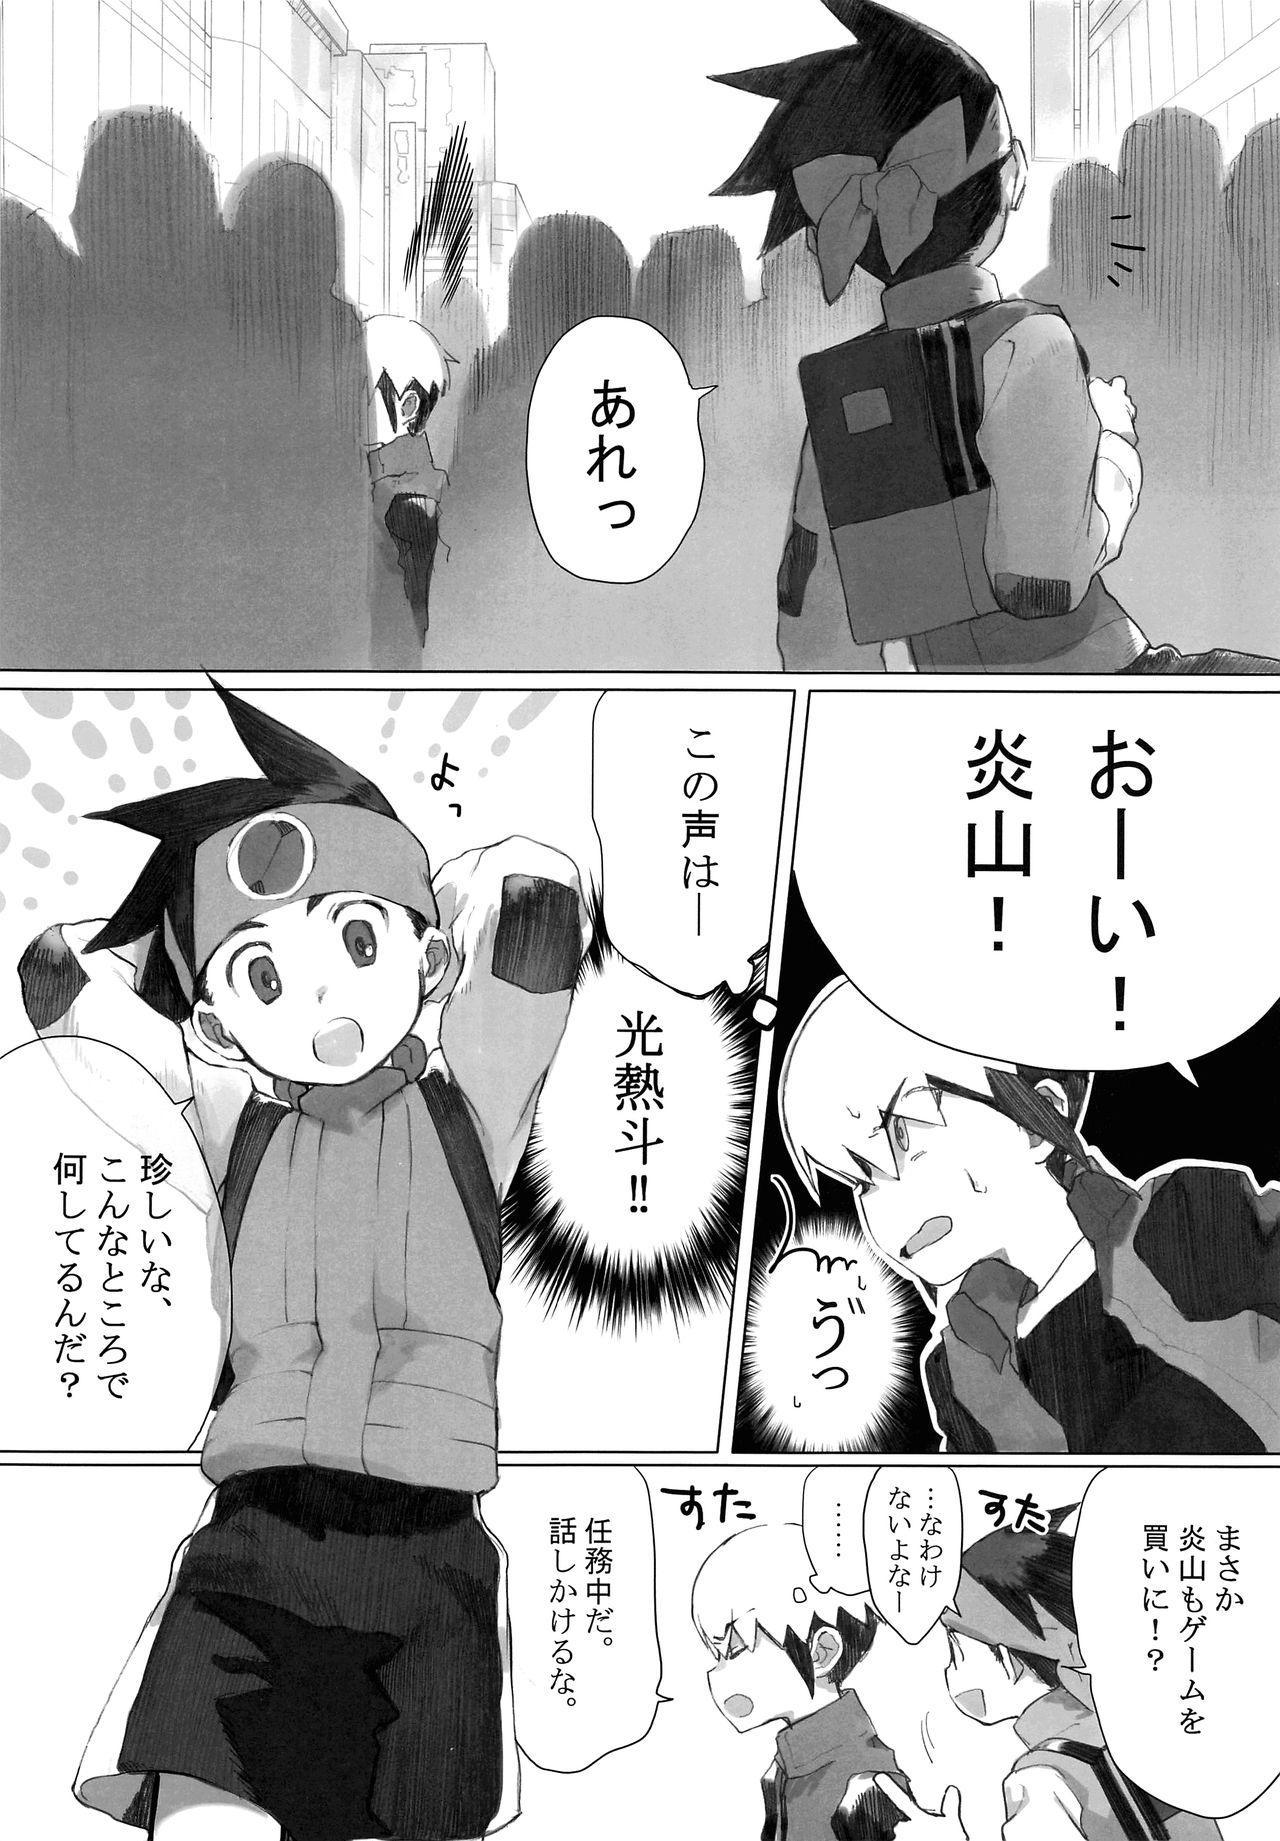 Netsu + Honoo Mobure Bon 2